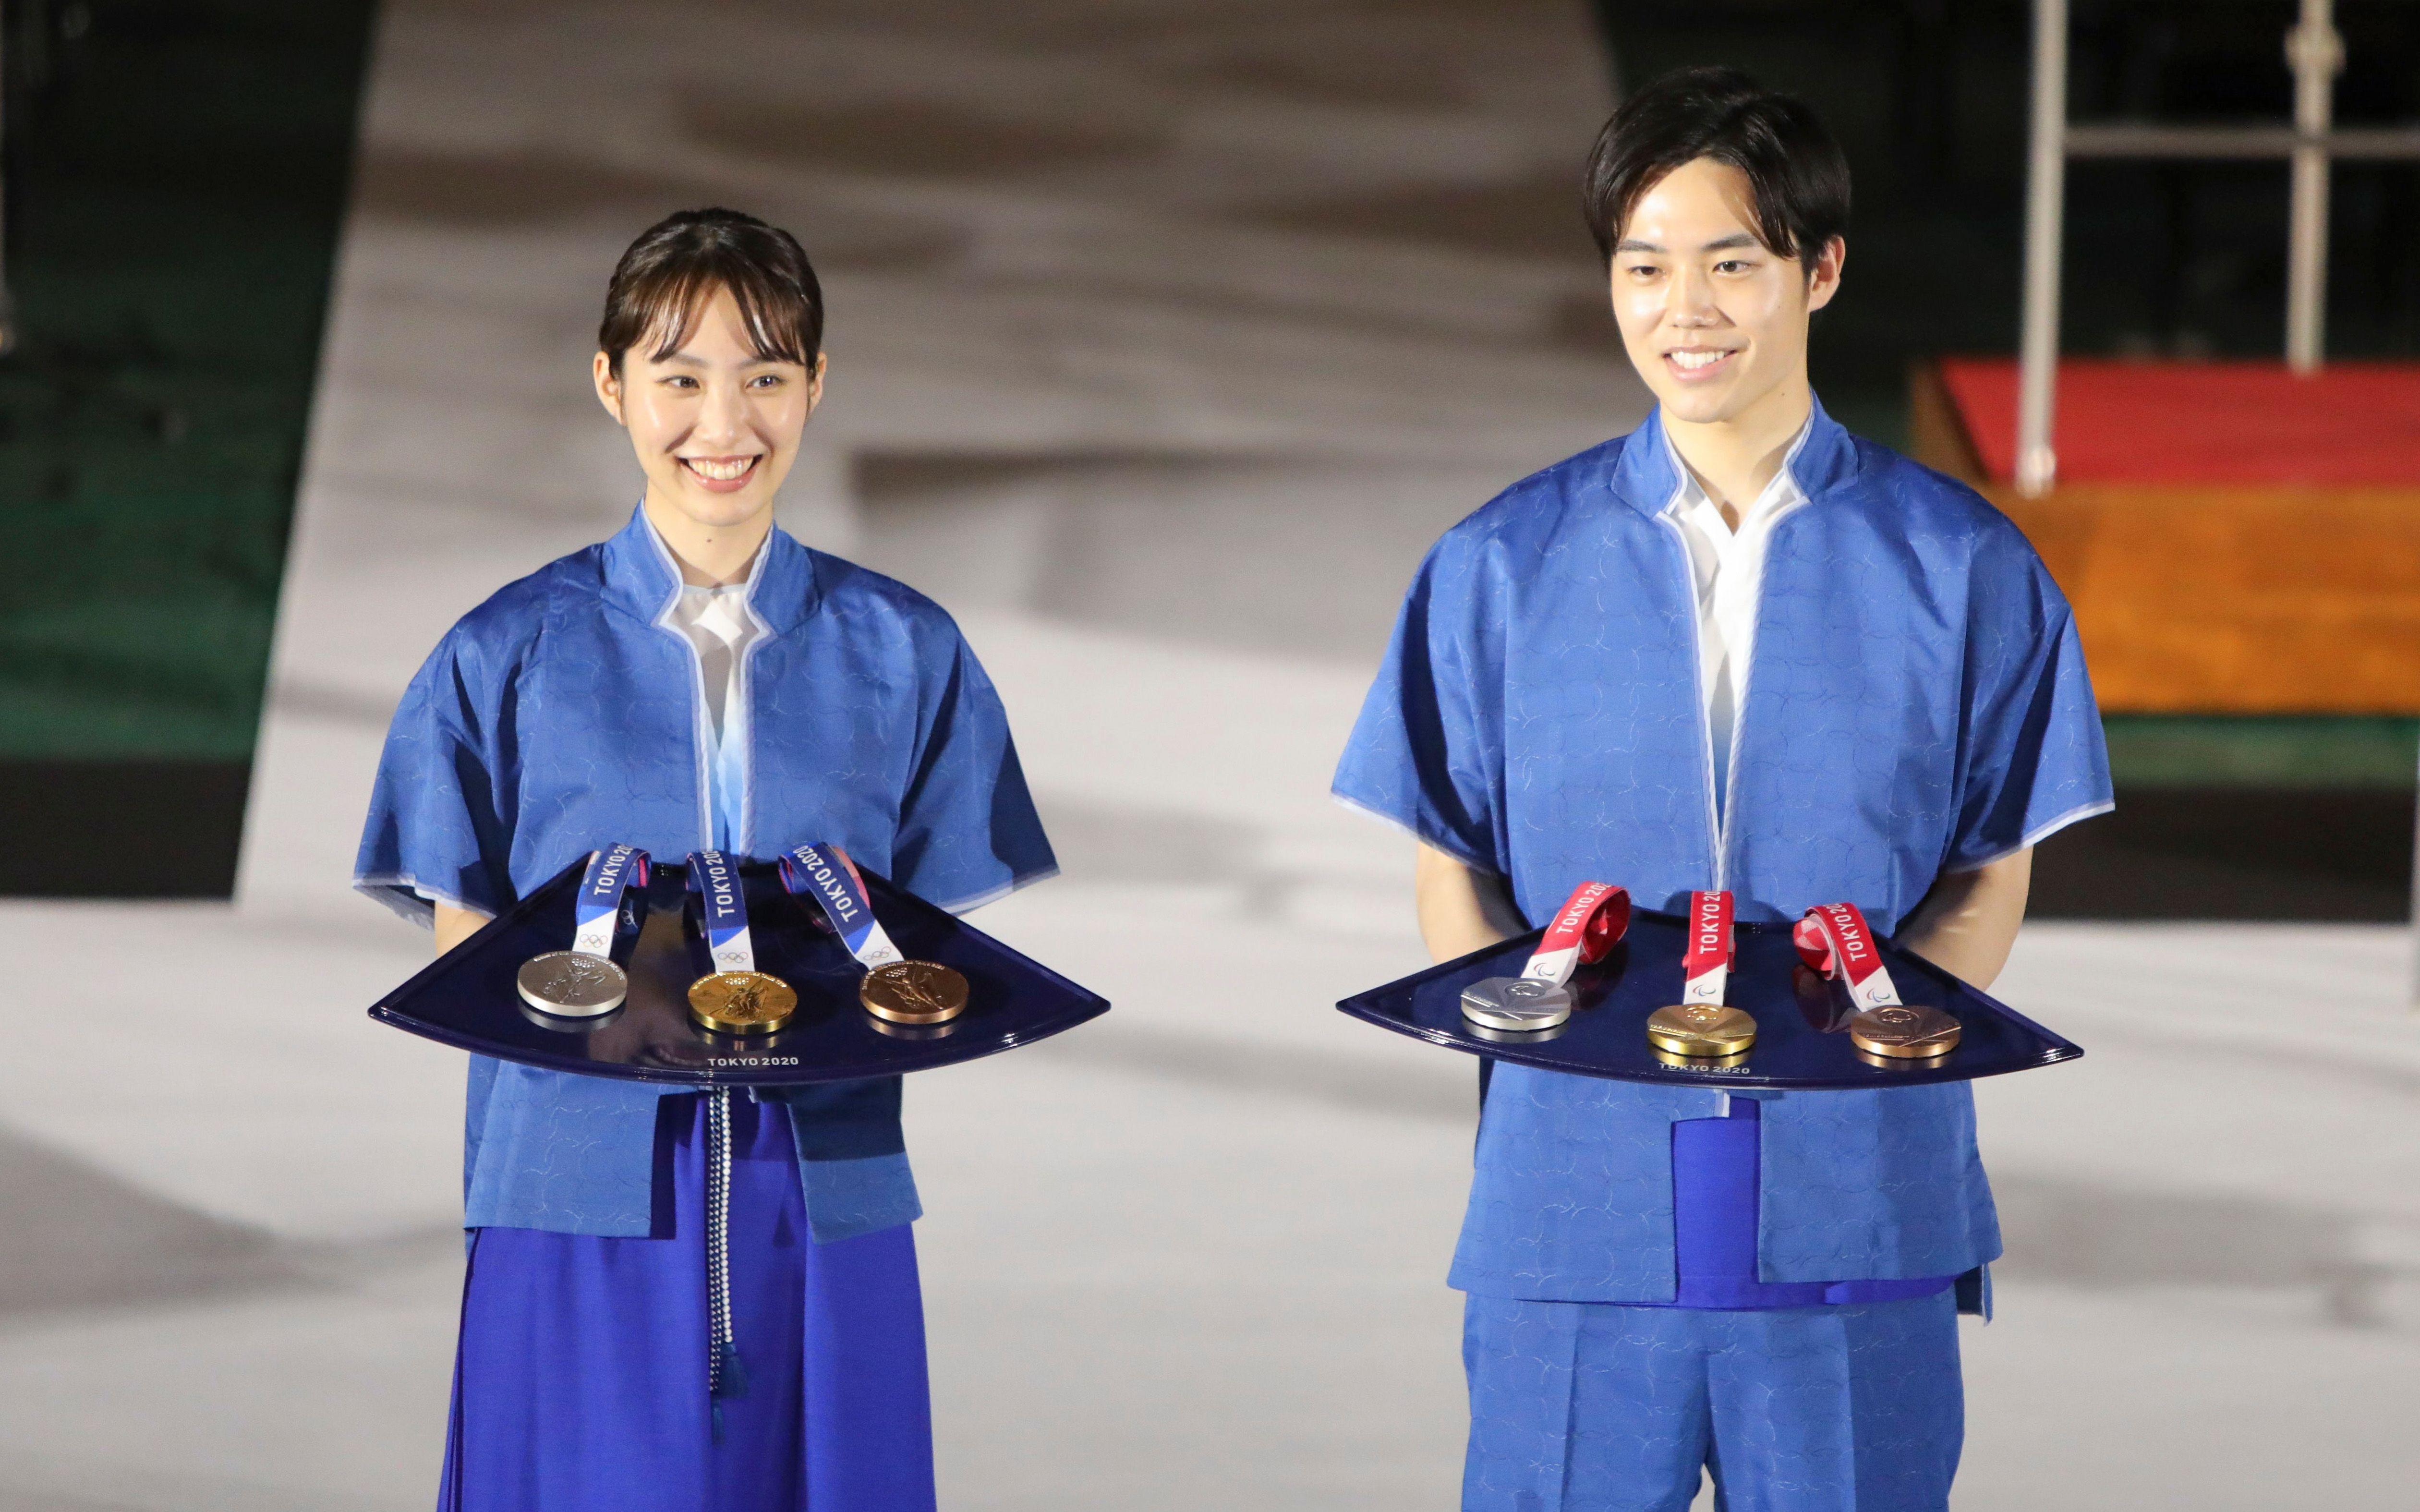 东京奥运会颁奖服装和颁奖托盘。(图/新华社)